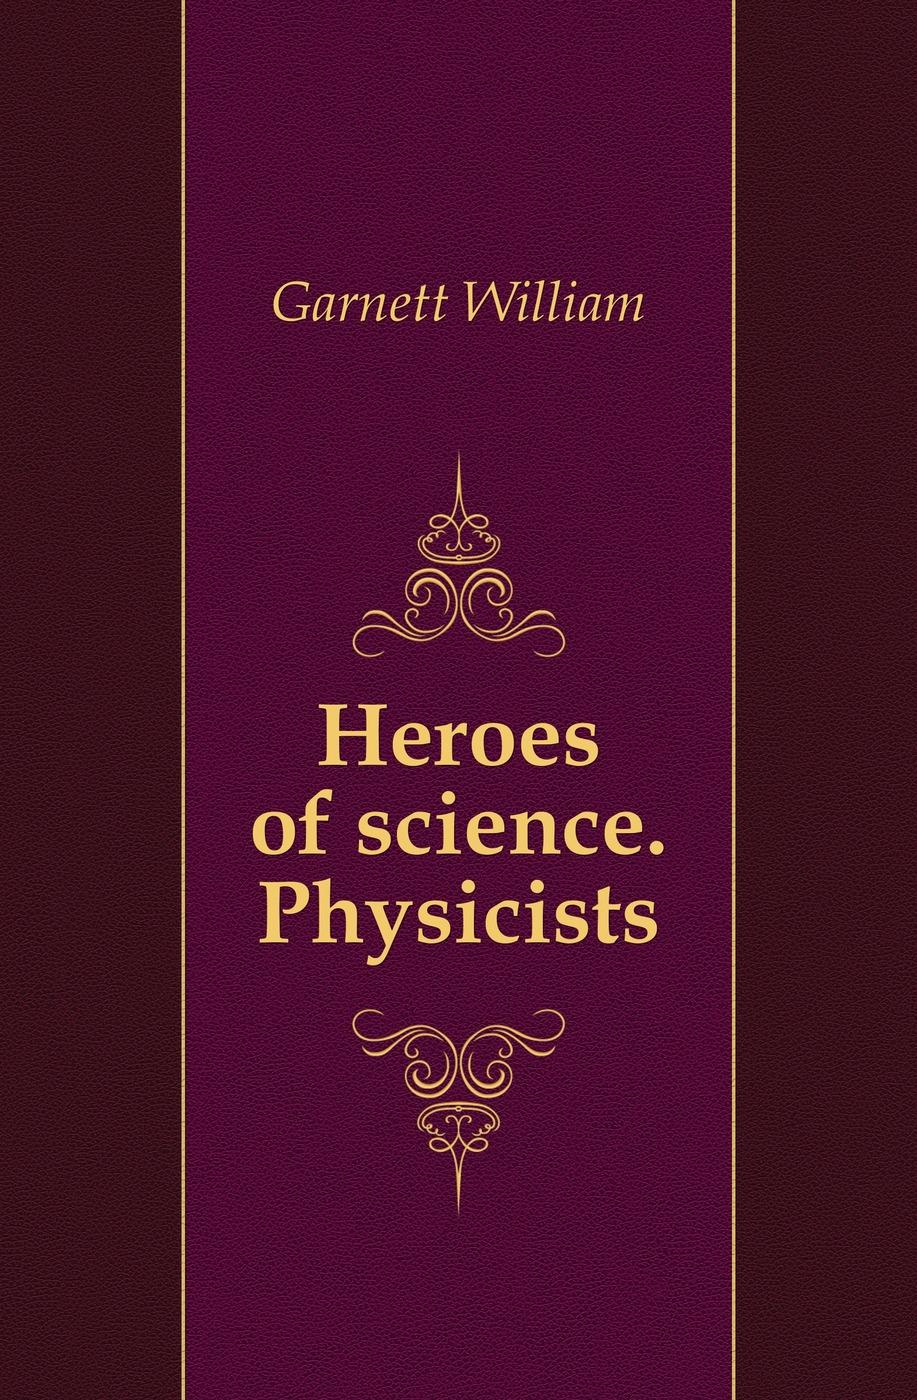 лучшая цена Garnett William Heroes of science. Physicists